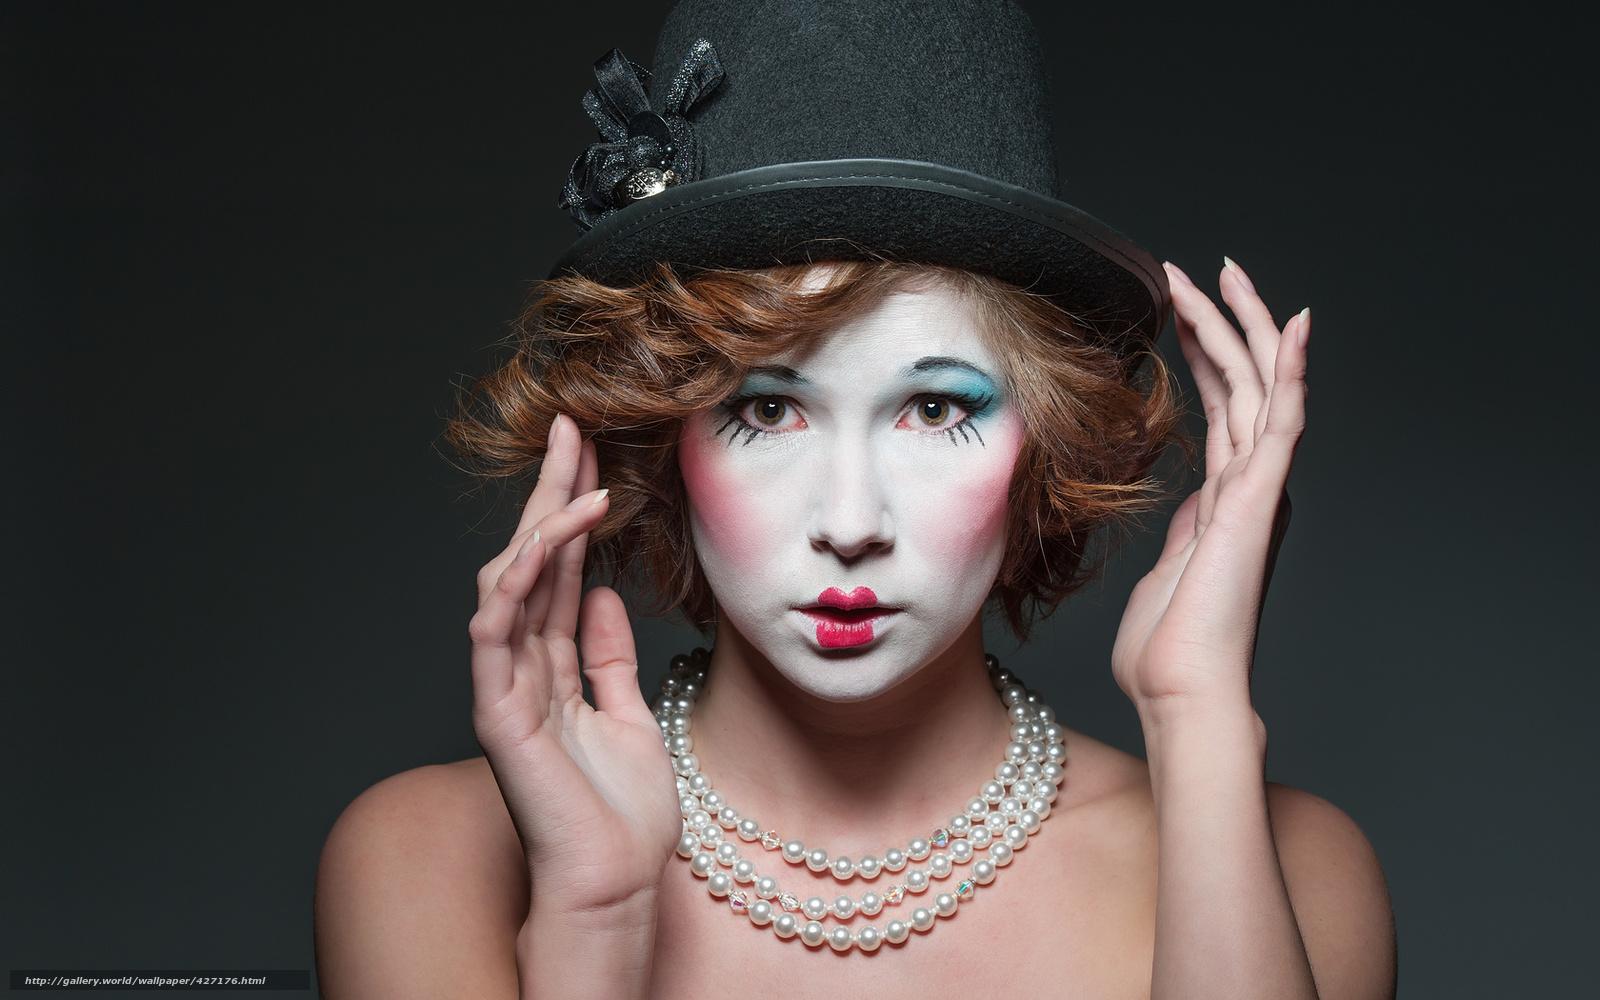 Элегантная девушка жемчуг фото 23 фотография